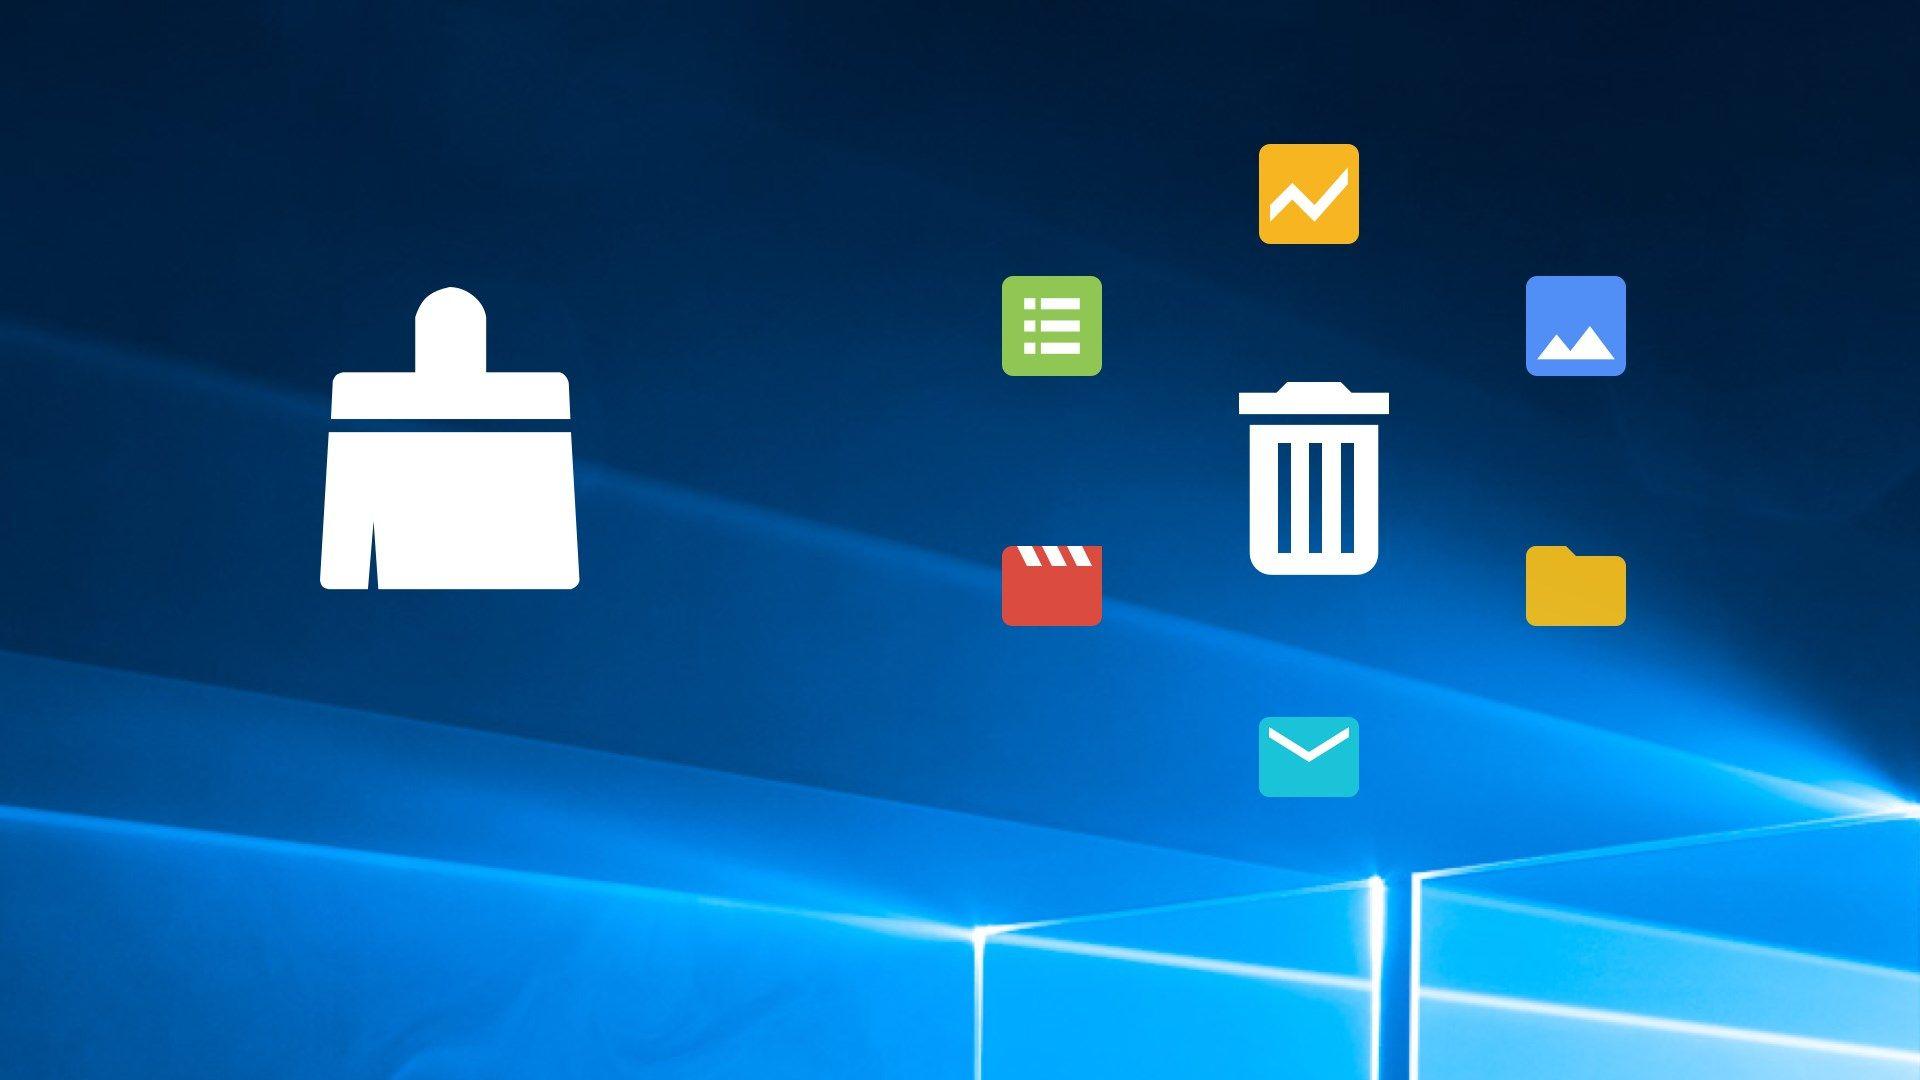 Обзор лучших программ для очистки и оптимизации ПК в 2020 году